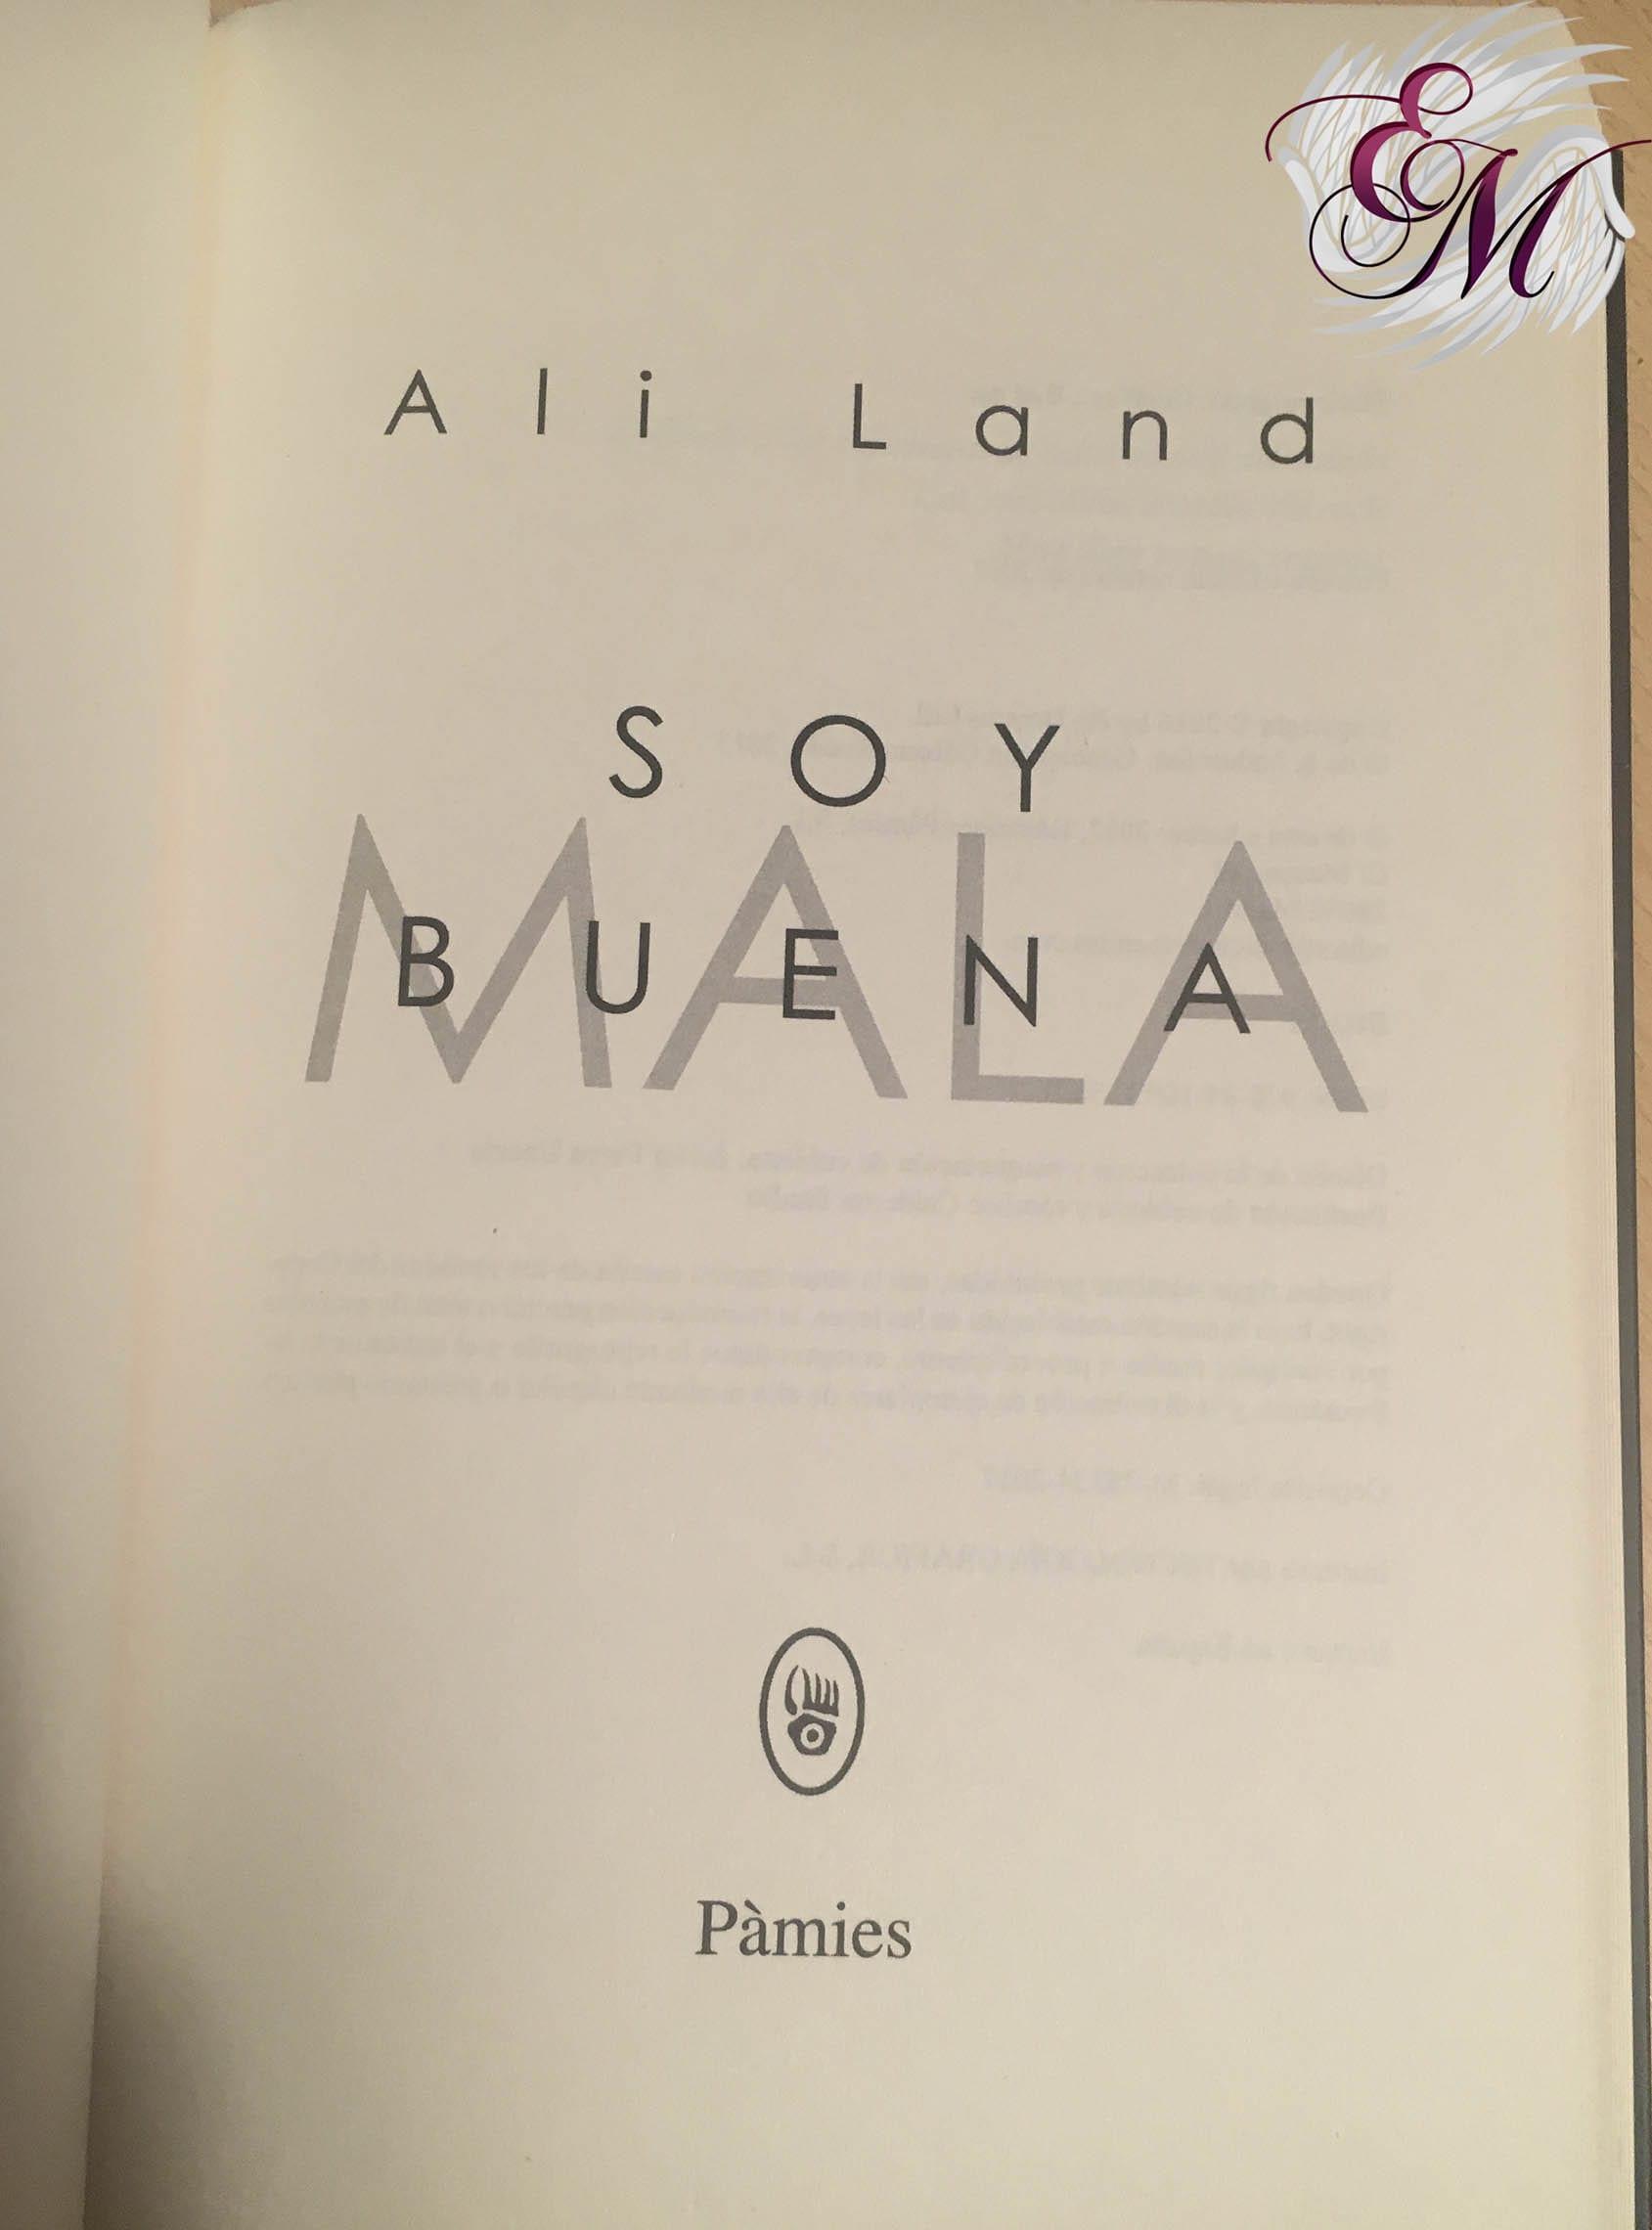 Soy buena, de Ali Land - Reseña